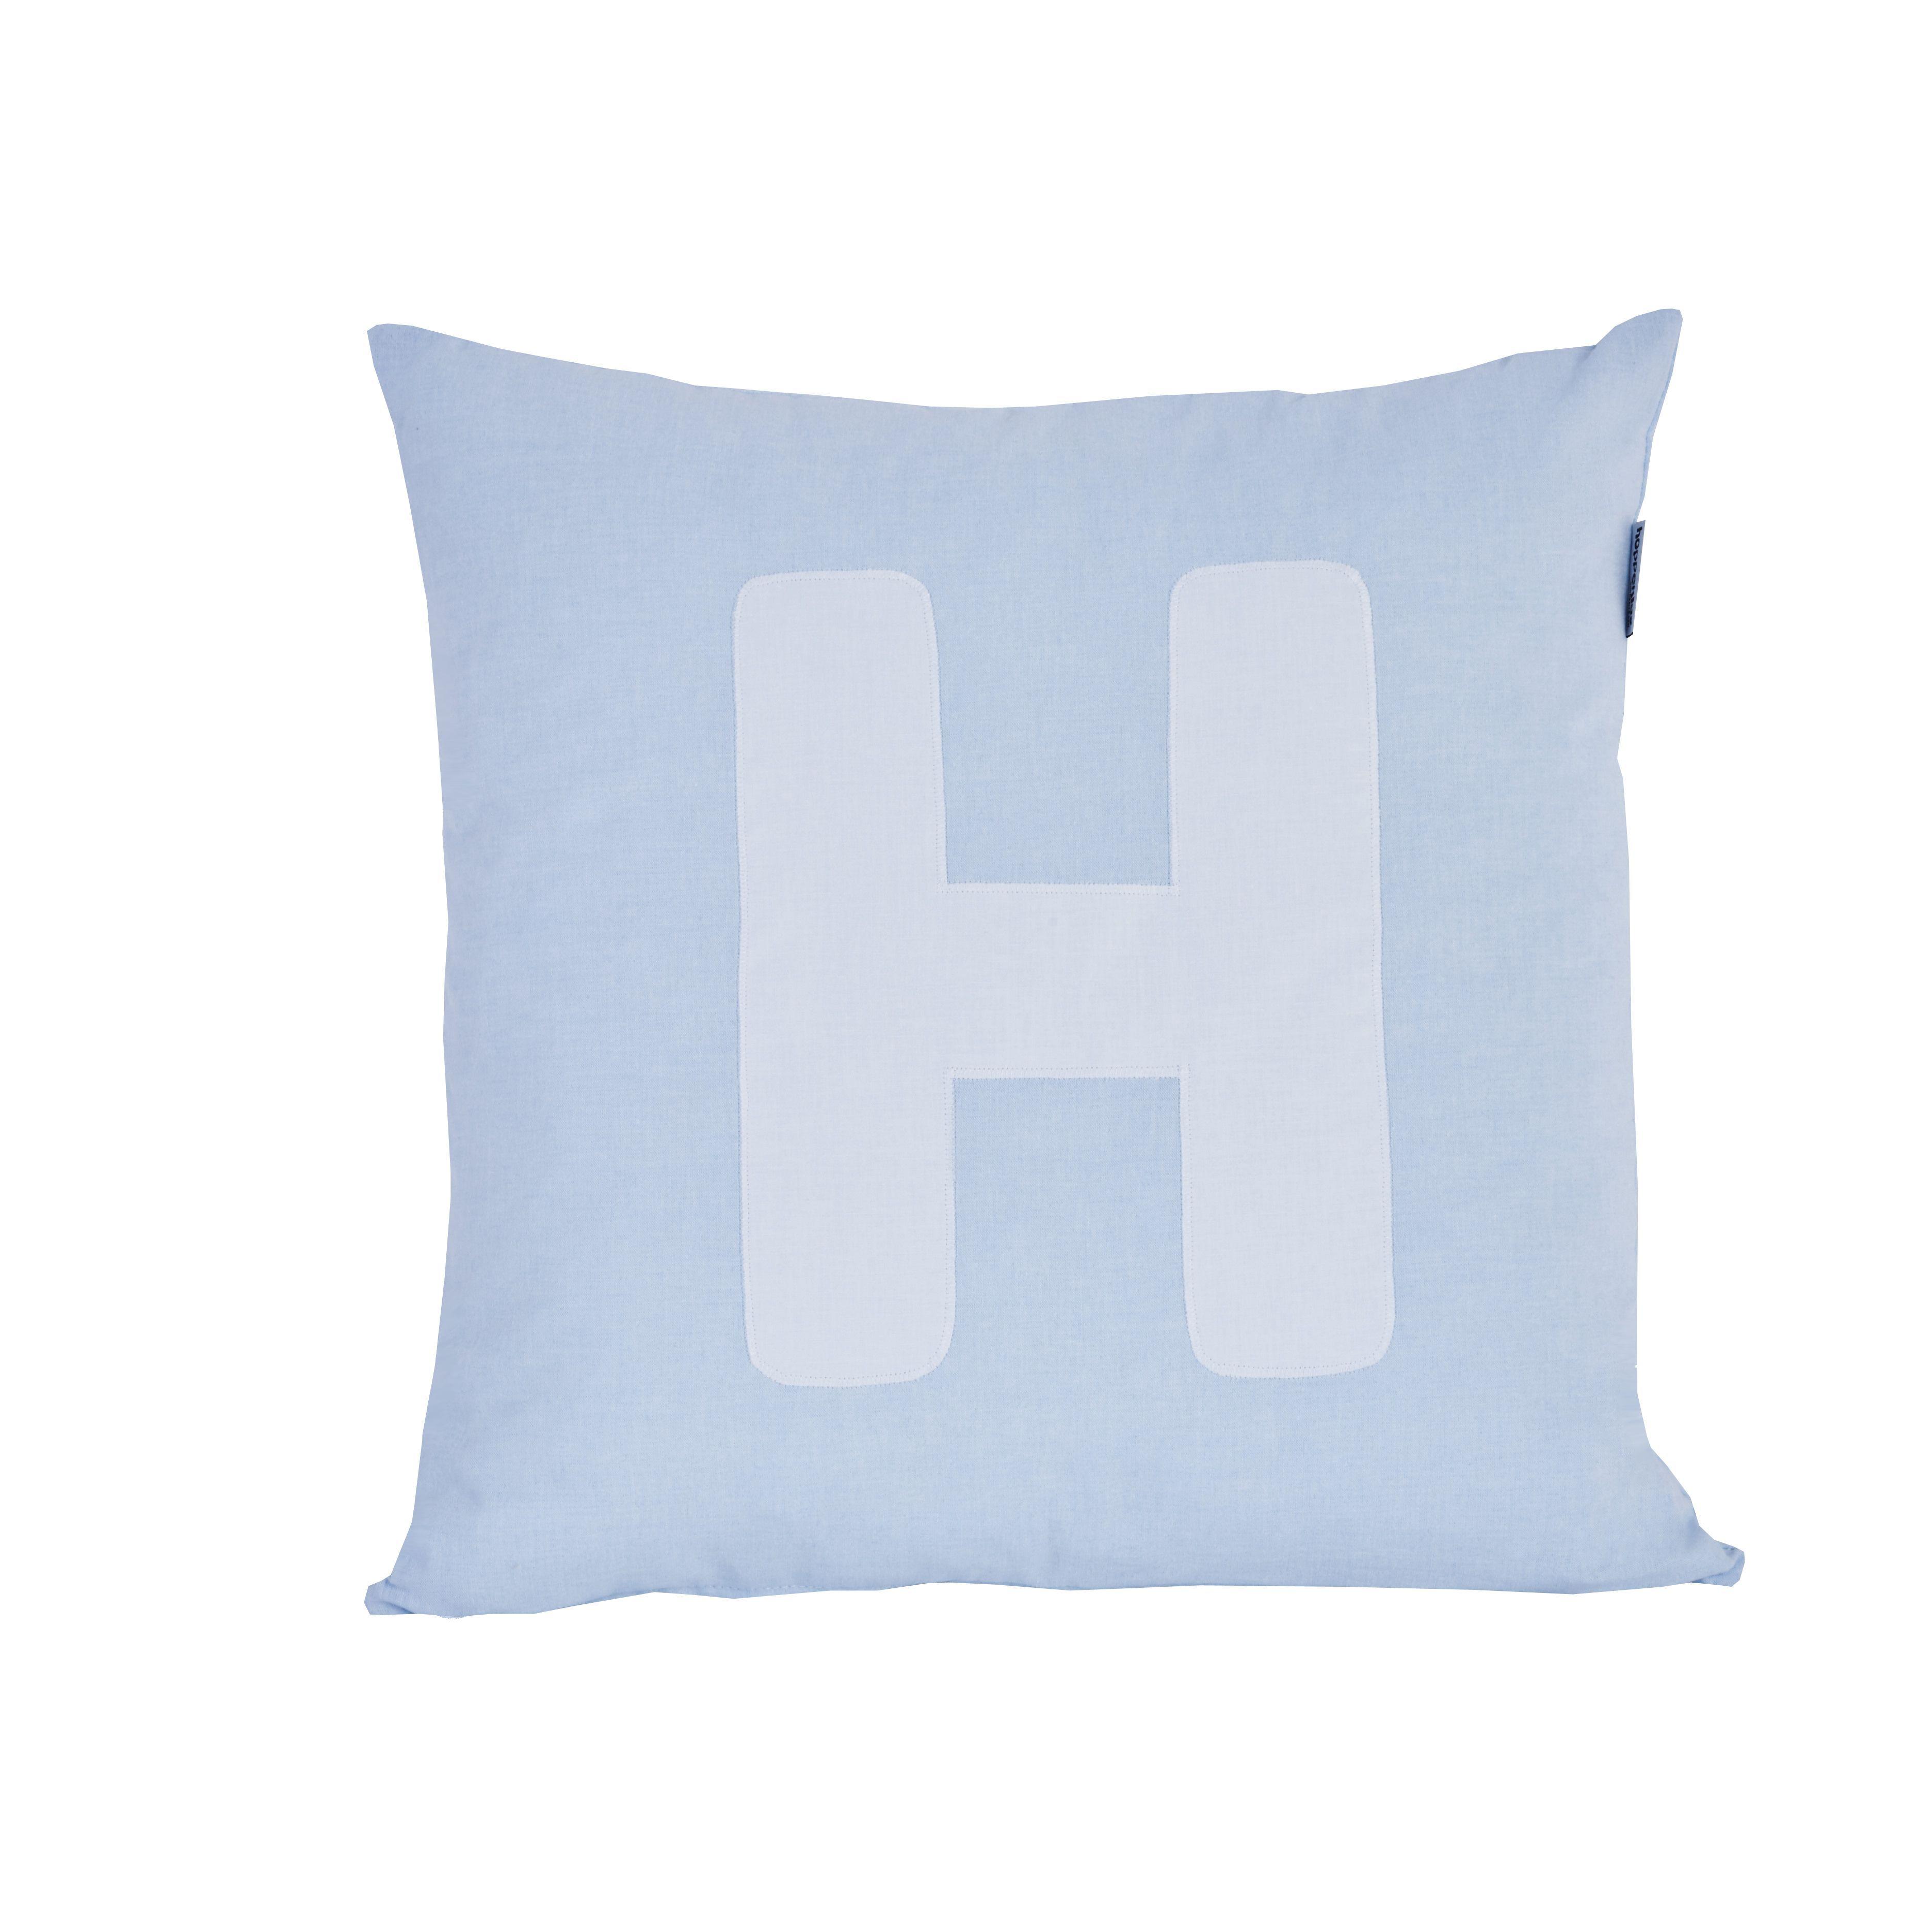 Image of Pude Alphabet H lyseblå fra Hoppekids (36-4650-LB-008)